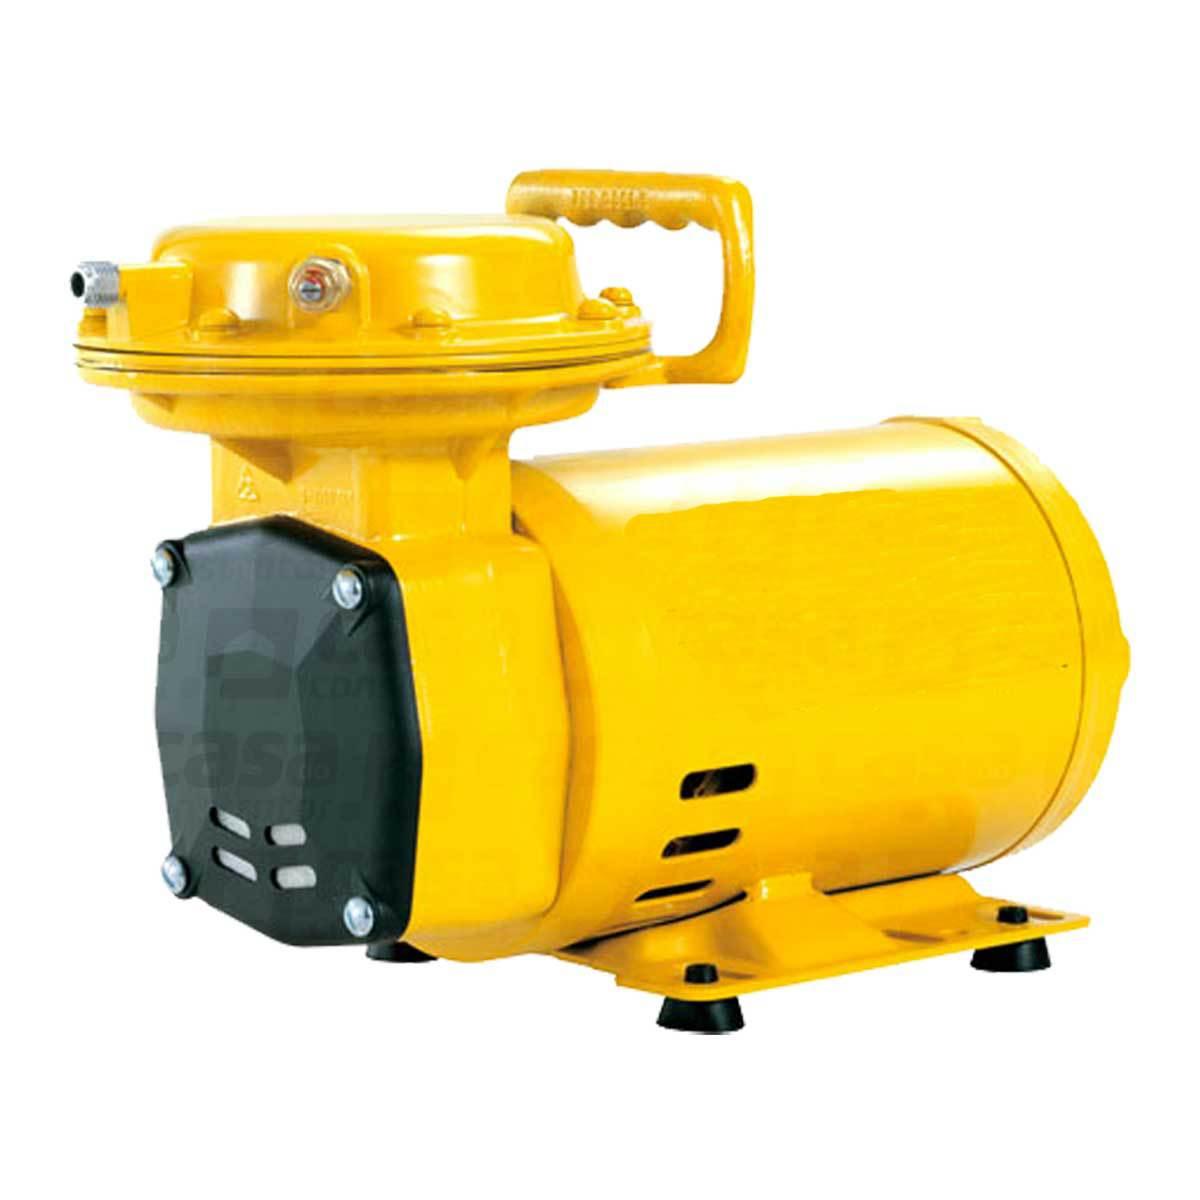 63218d5f3 Compressor de ar direto - Casa do Construtor - Locação Garantida é aqui!